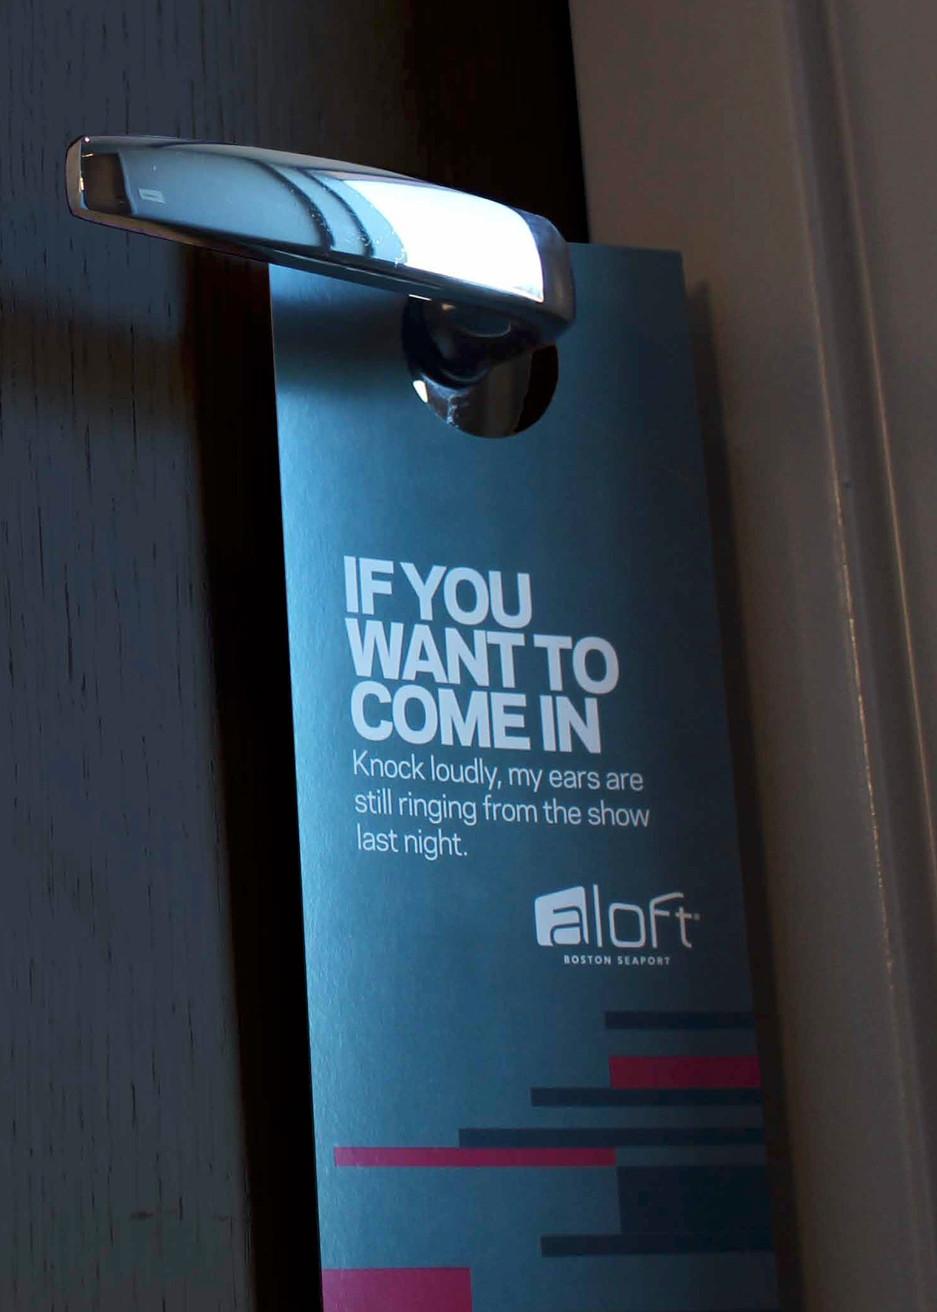 aloft_door-hanger-posts_v05.jpg